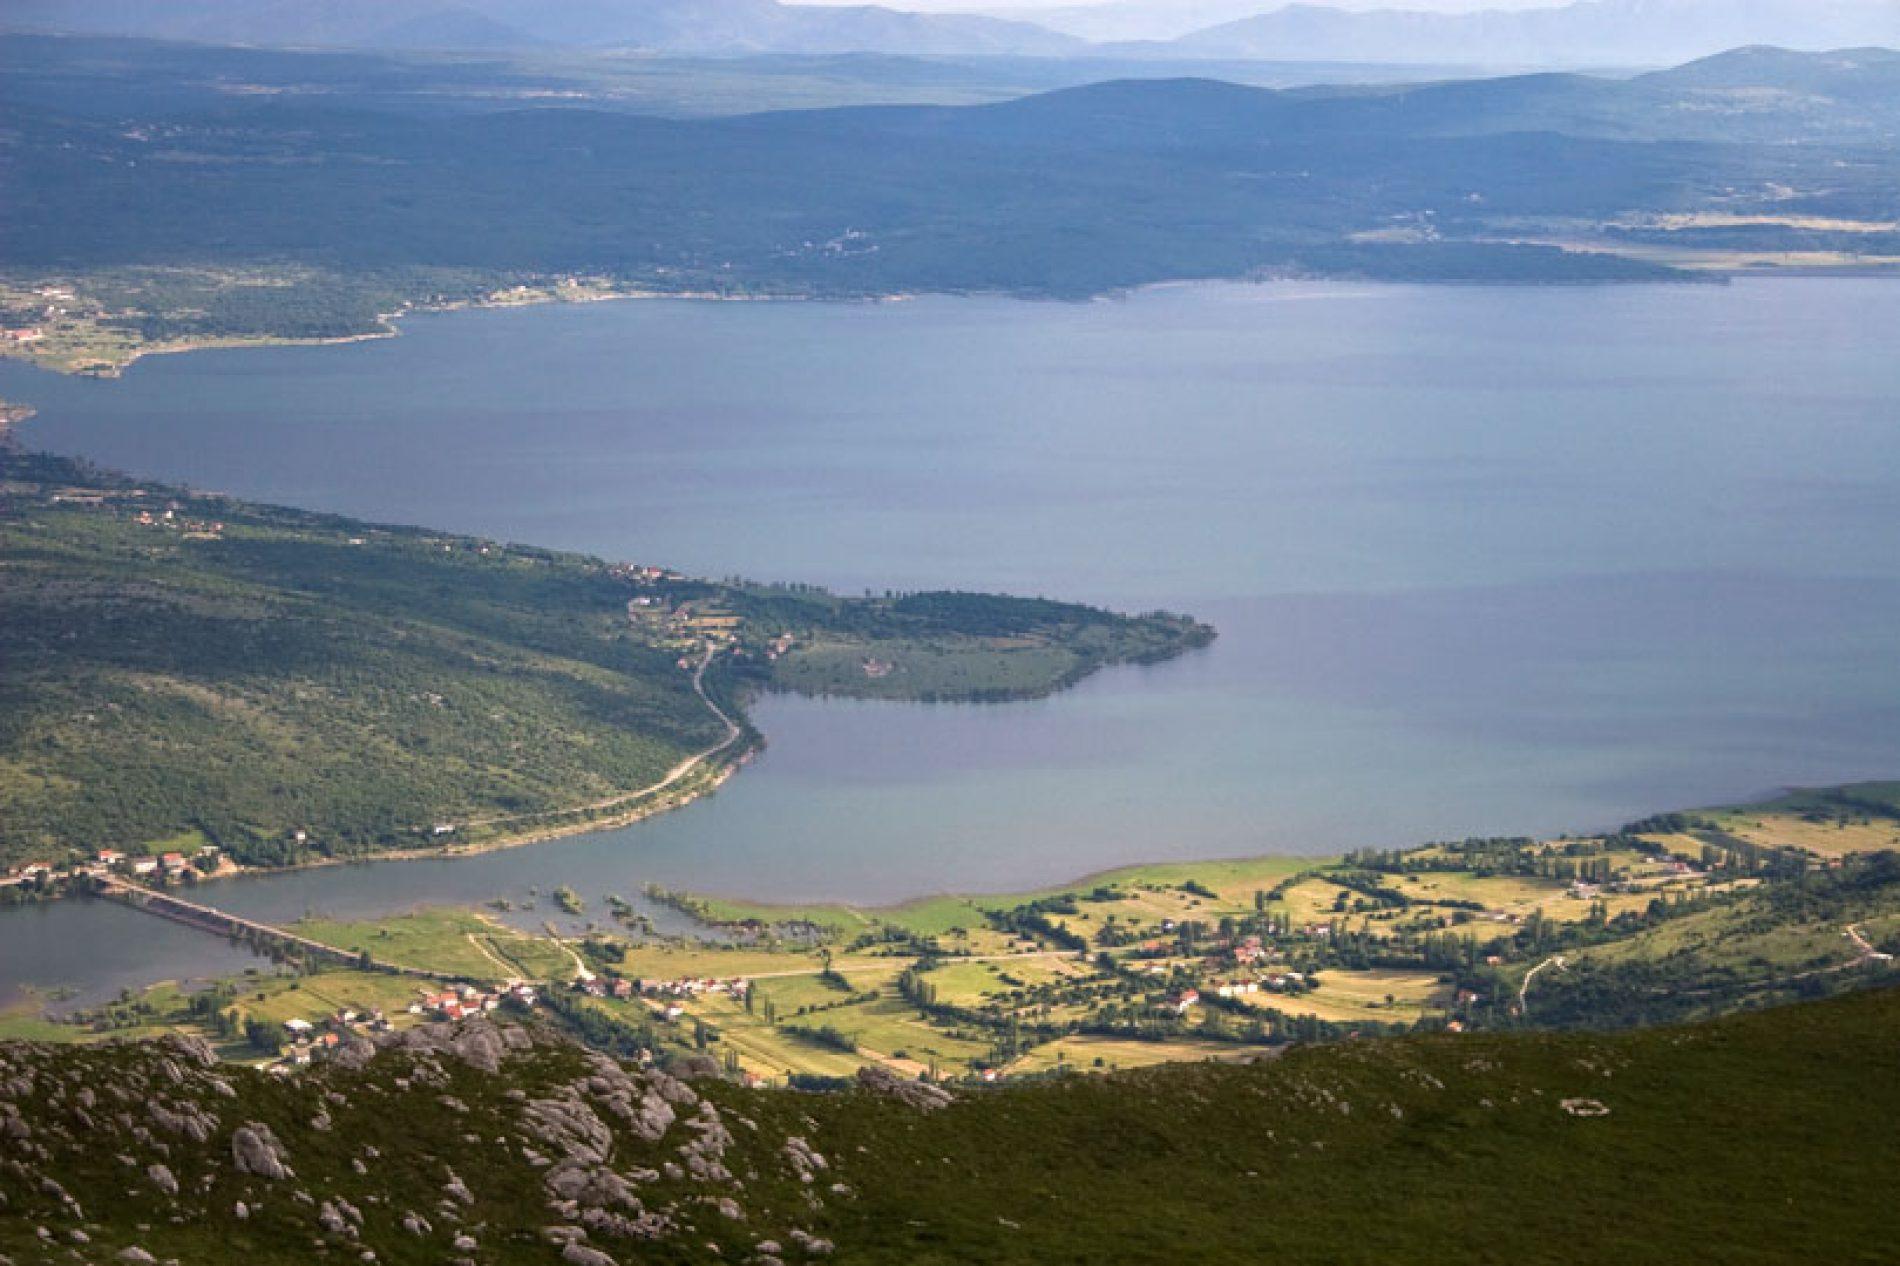 Resorni ministar u Kantonu 10: Zašto nikom nije stalo da naplatimo 15 miliona KM za korištenje voda Buškog jezera?